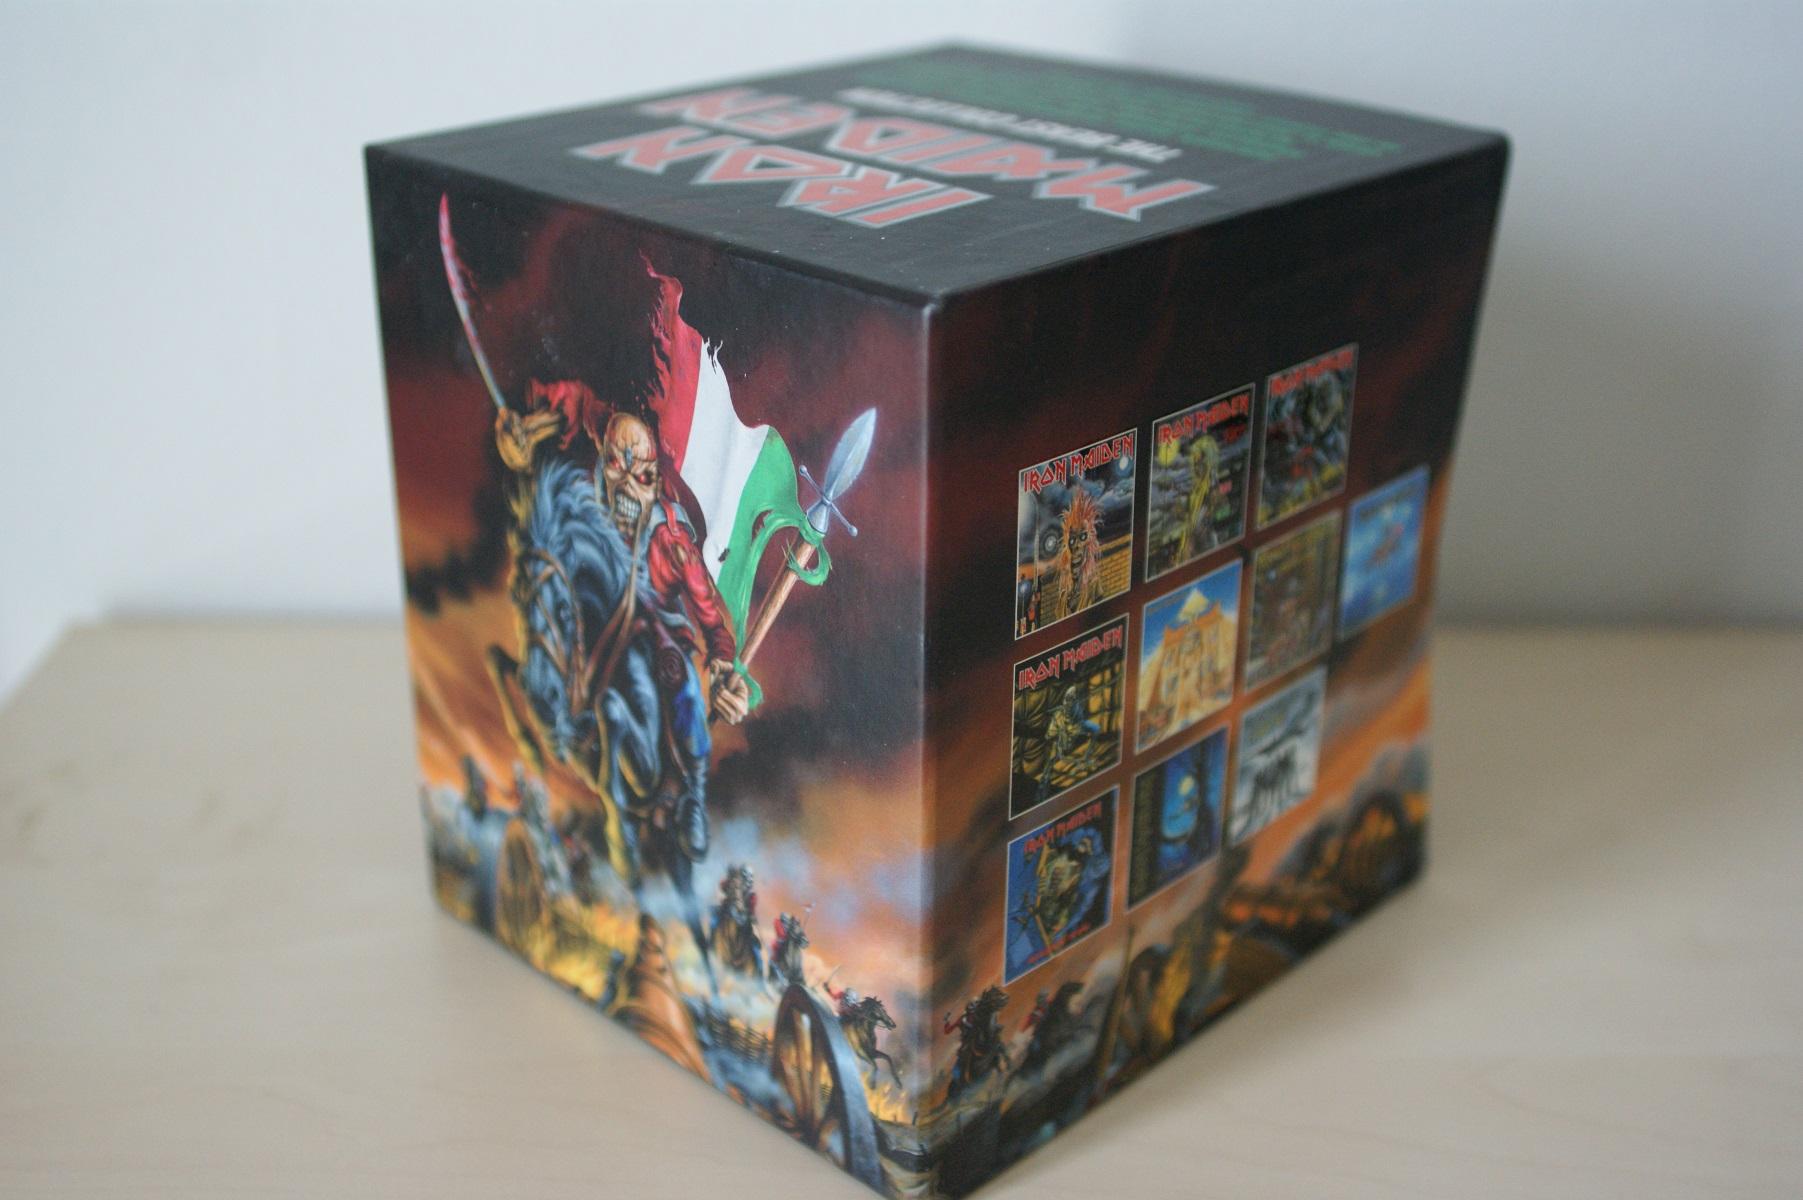 Iron Maiden The Beast Collection Box Set Iron Maiden